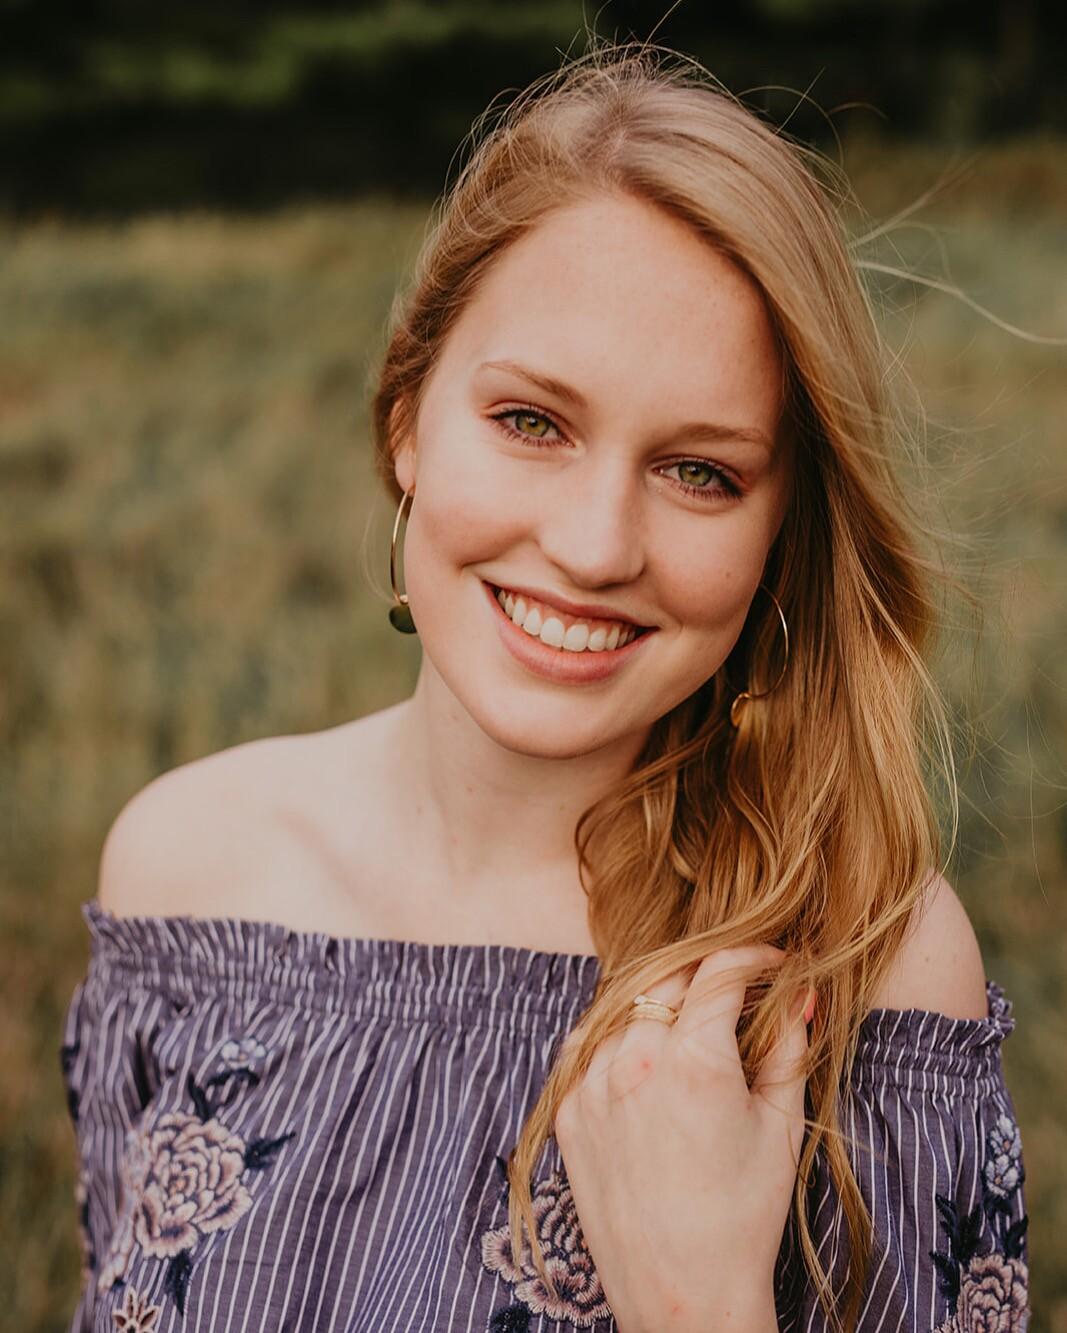 Zoe Zingler